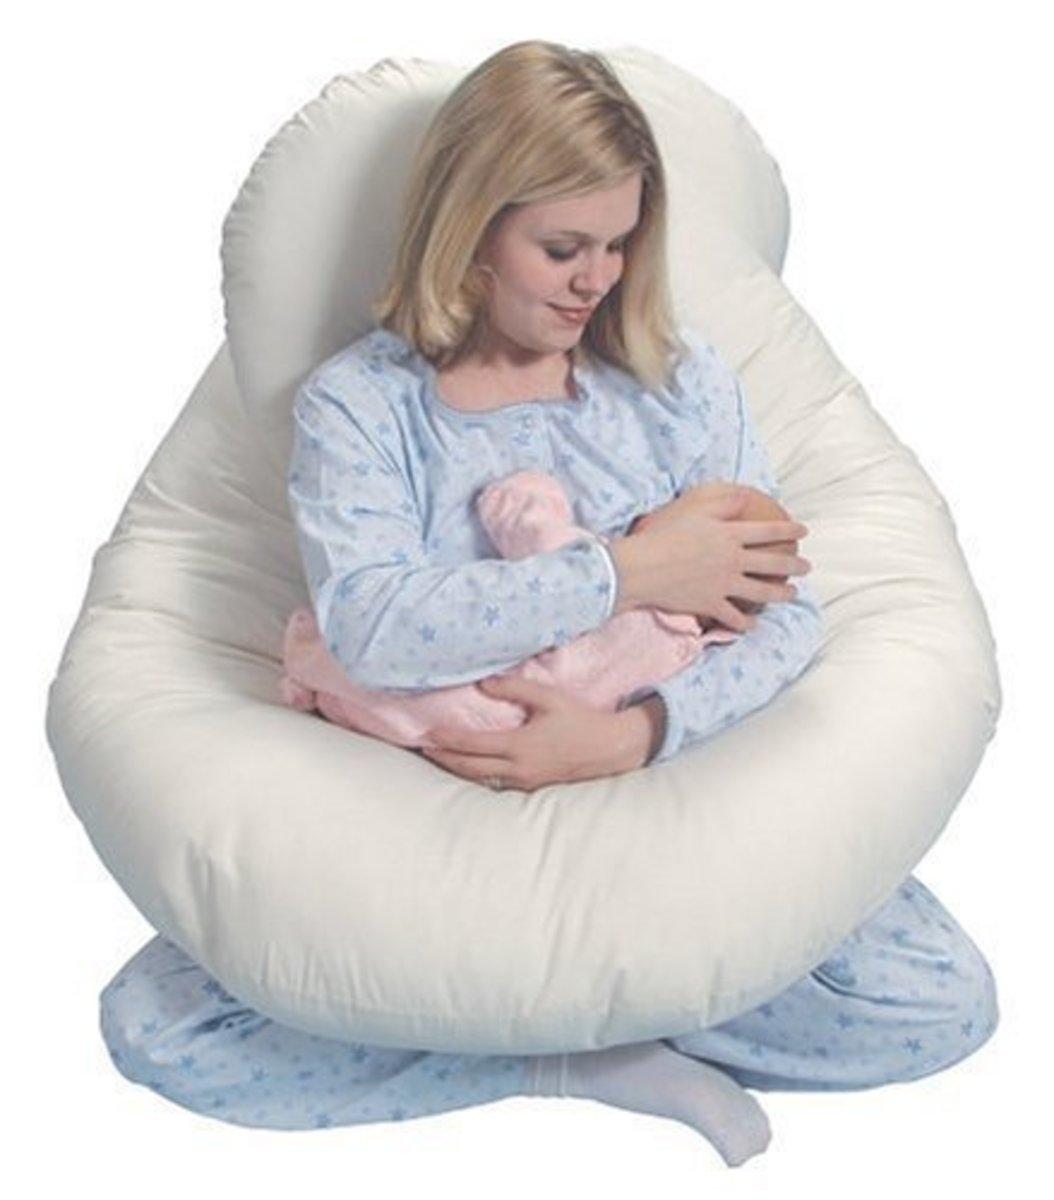 Some body pillows double as nursing pillows.